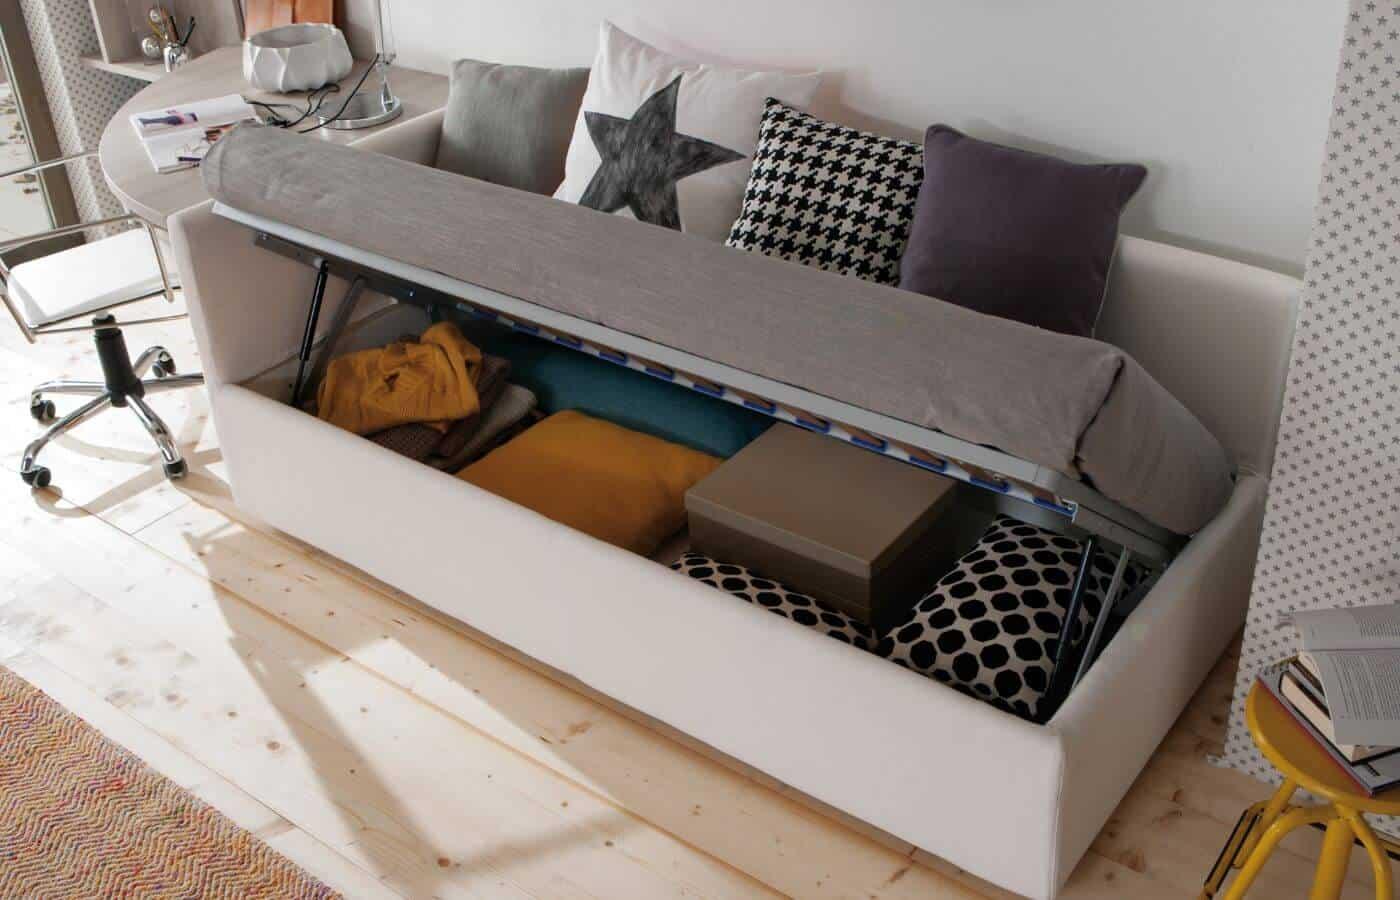 camerette-letto-contenitore-collezione-miami-il-mobile (2)